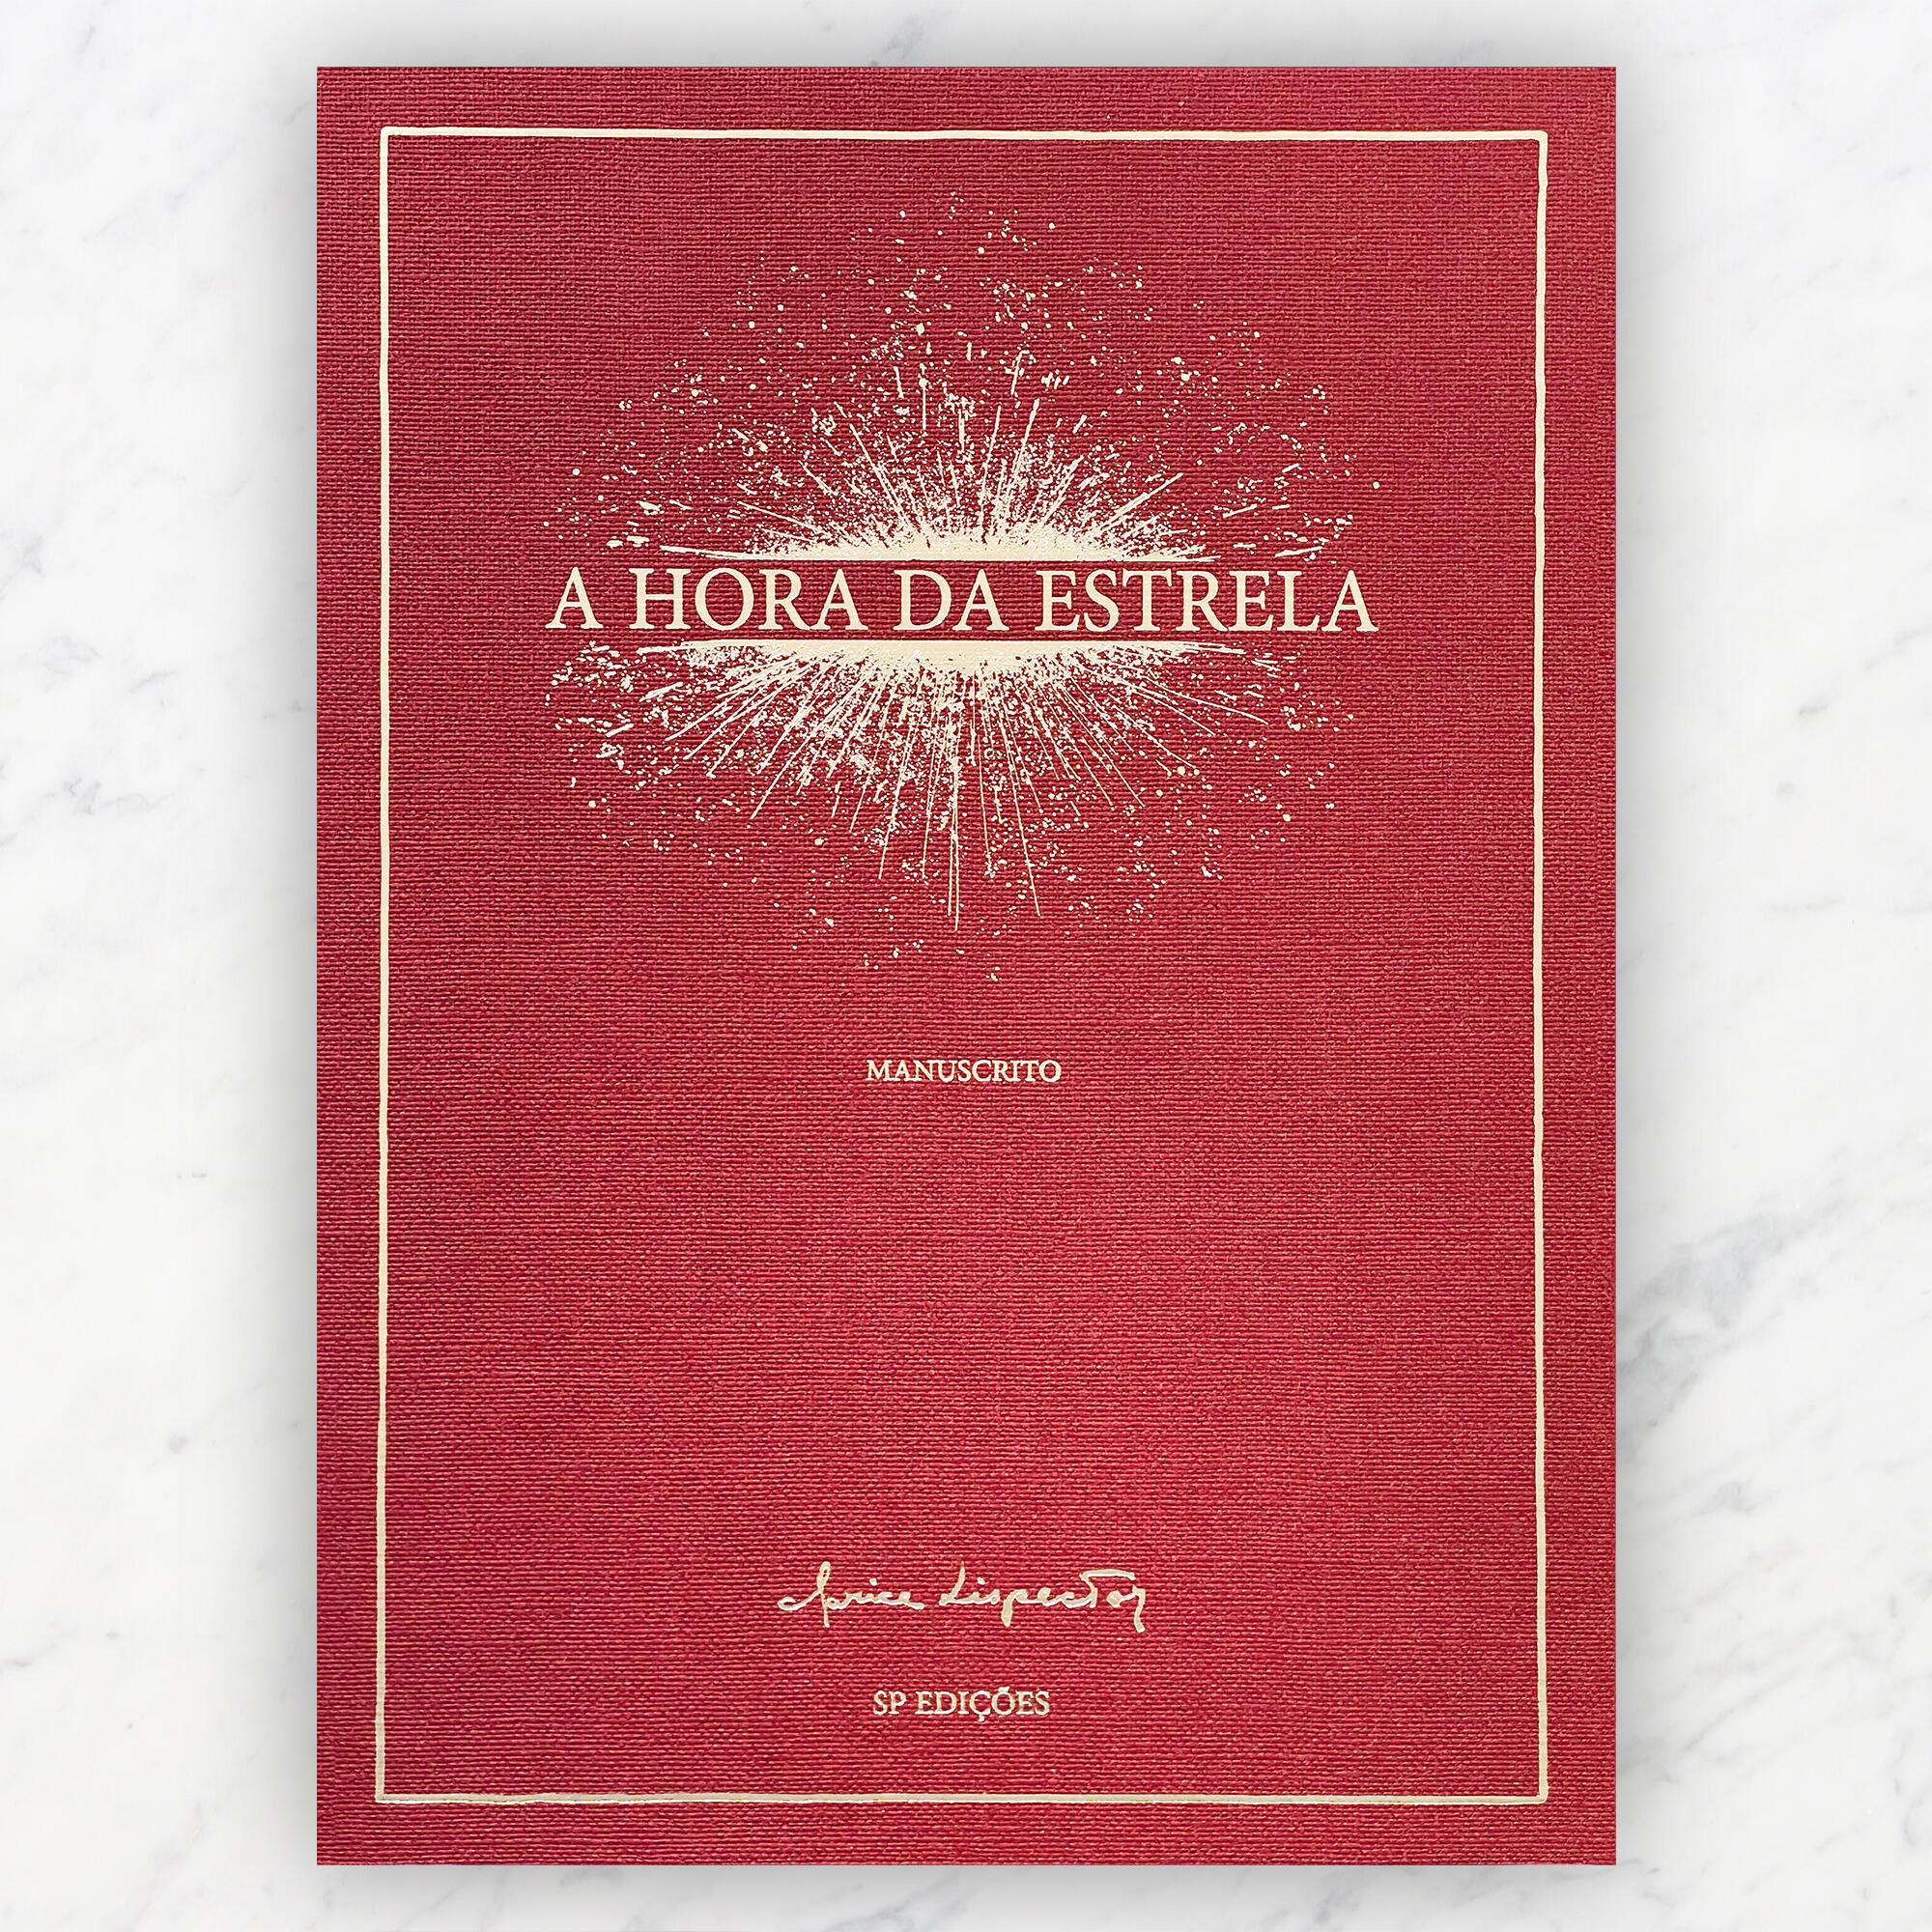 """Manuscrito de """"A Hora da Estrela"""", de Clarice Lispector, lançado pela editora francesa Saint-Pères em 3 de maio de 2021."""